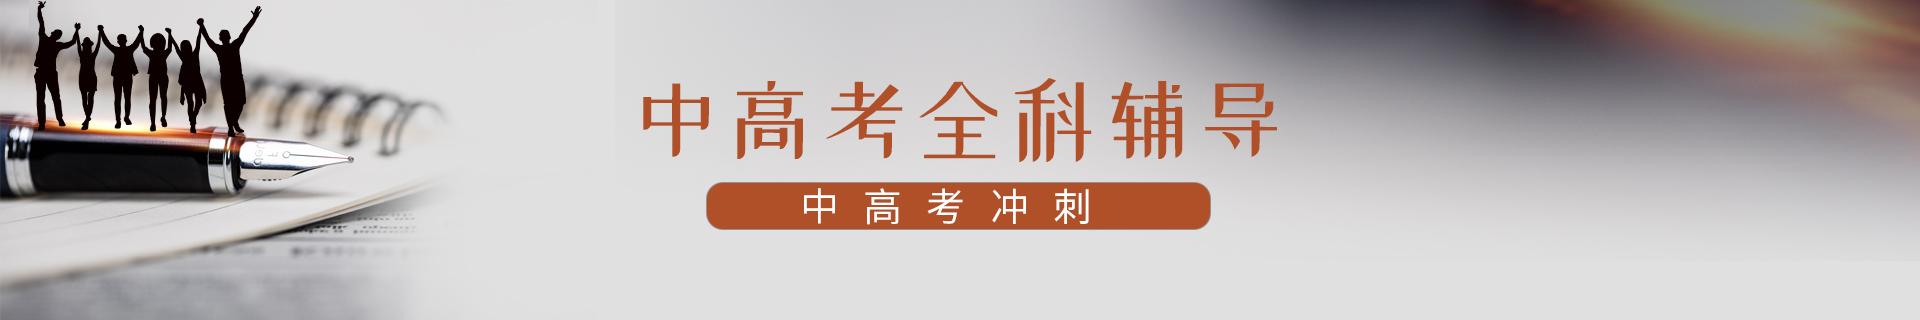 杭州西湖区文二西路秦学教育机构